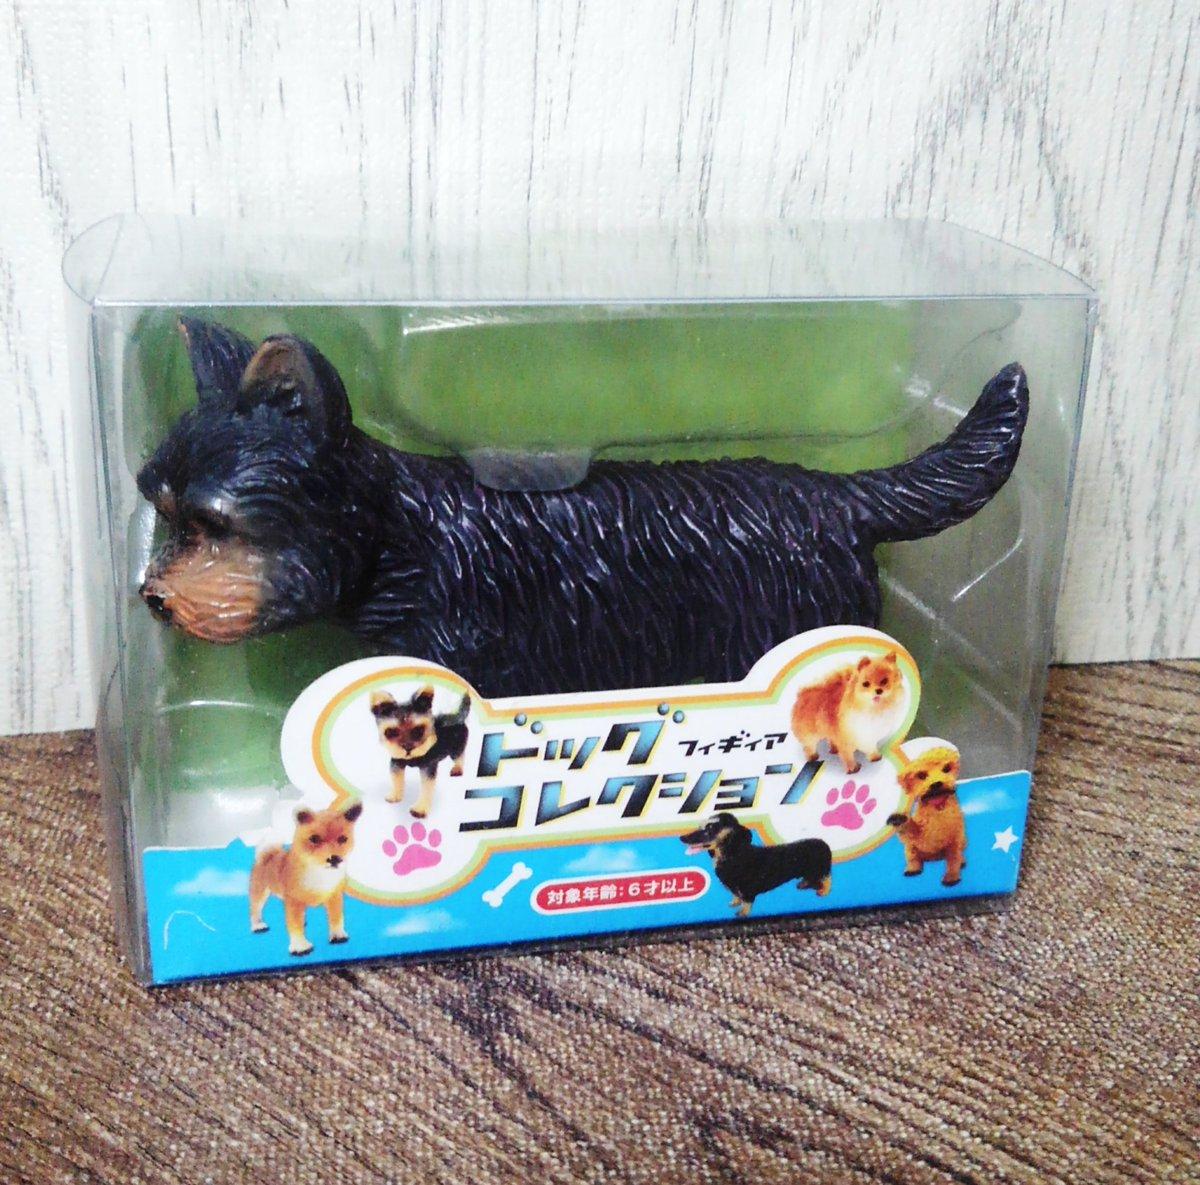 test ツイッターメディア - …という事で今日ご紹介するのは #セリア でGETしたドッグフィギュアコレクション(全6種)のヨークシャーテリア。  置いてない店も多いですが #6分の1 #ドールに使える サイズの犬は貴重ですね!  #ドール小物 #100均大好き https://t.co/zgZfT7HWAy